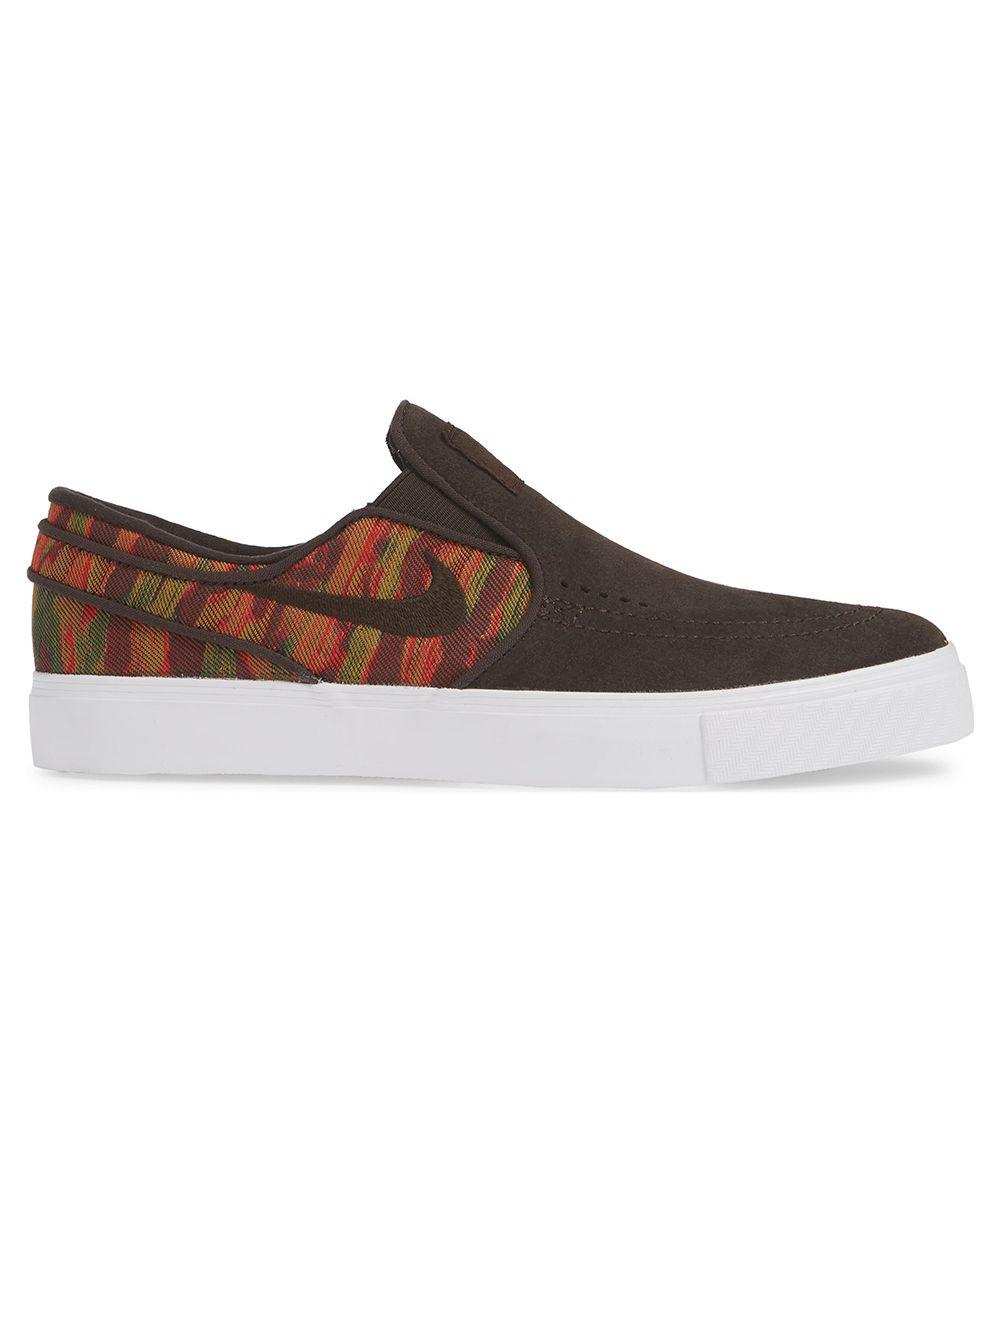 ayuda líquido Porque  Nike SB. Zoom Stefan Janoski Slip Premium. Velvet Brown/ Multi-Color.